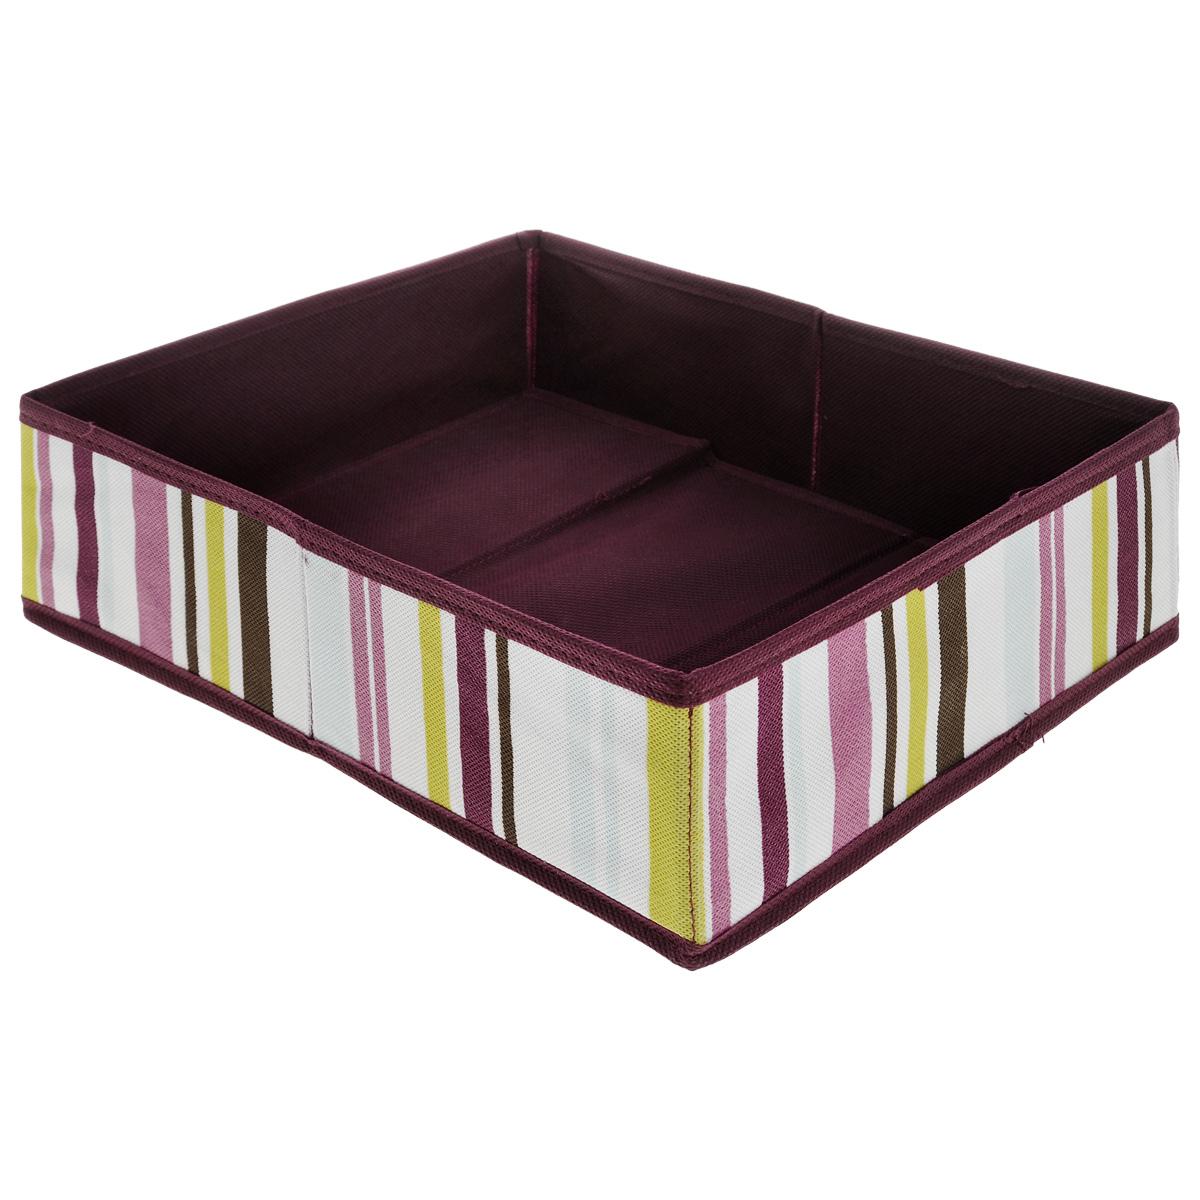 Коробка для хранения Hausmann, цвет: баклажан, 27 х 33 х 10 смSC-2733Коробка для хранения Hausmann поможет легко организовать пространство в шкафу или в гардеробе. Изделие выполнено из нетканого материала. Коробка держит форму благодаря жесткой вставке из картона, которая устанавливается на дно. Боковая поверхность оформлена ярким принтом в полоску. В такой коробке удобно хранить одежду, нижнее белье, носки и различные аксессуары.